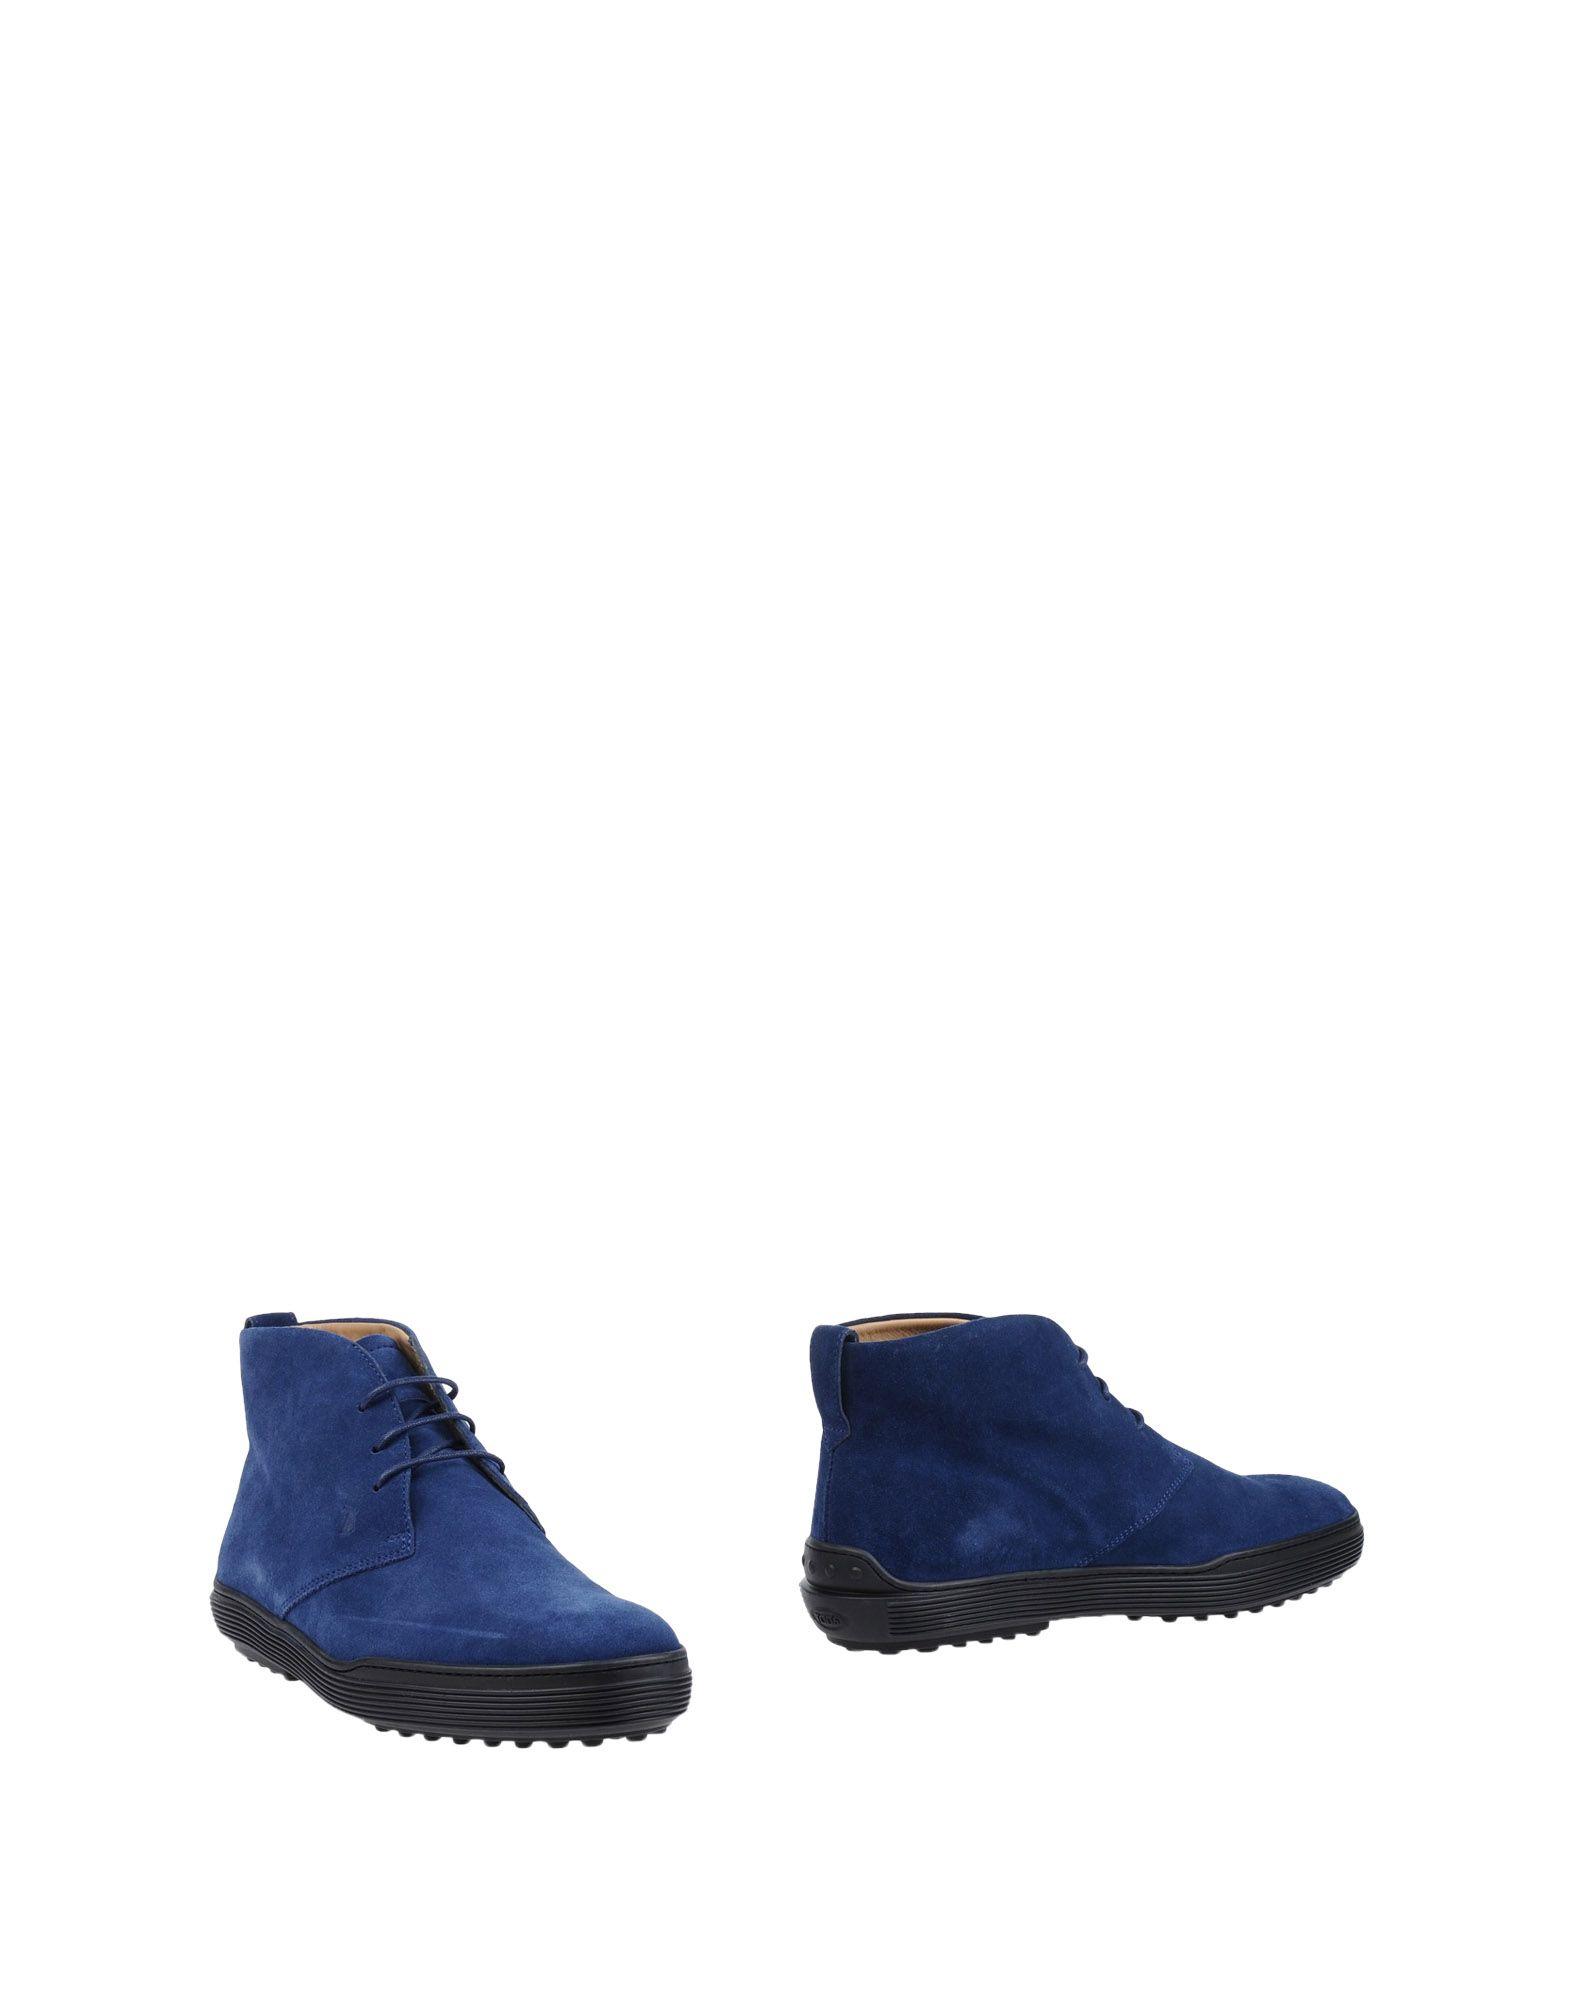 Tod's Stiefelette Herren  11368071VN Gute Qualität beliebte Schuhe